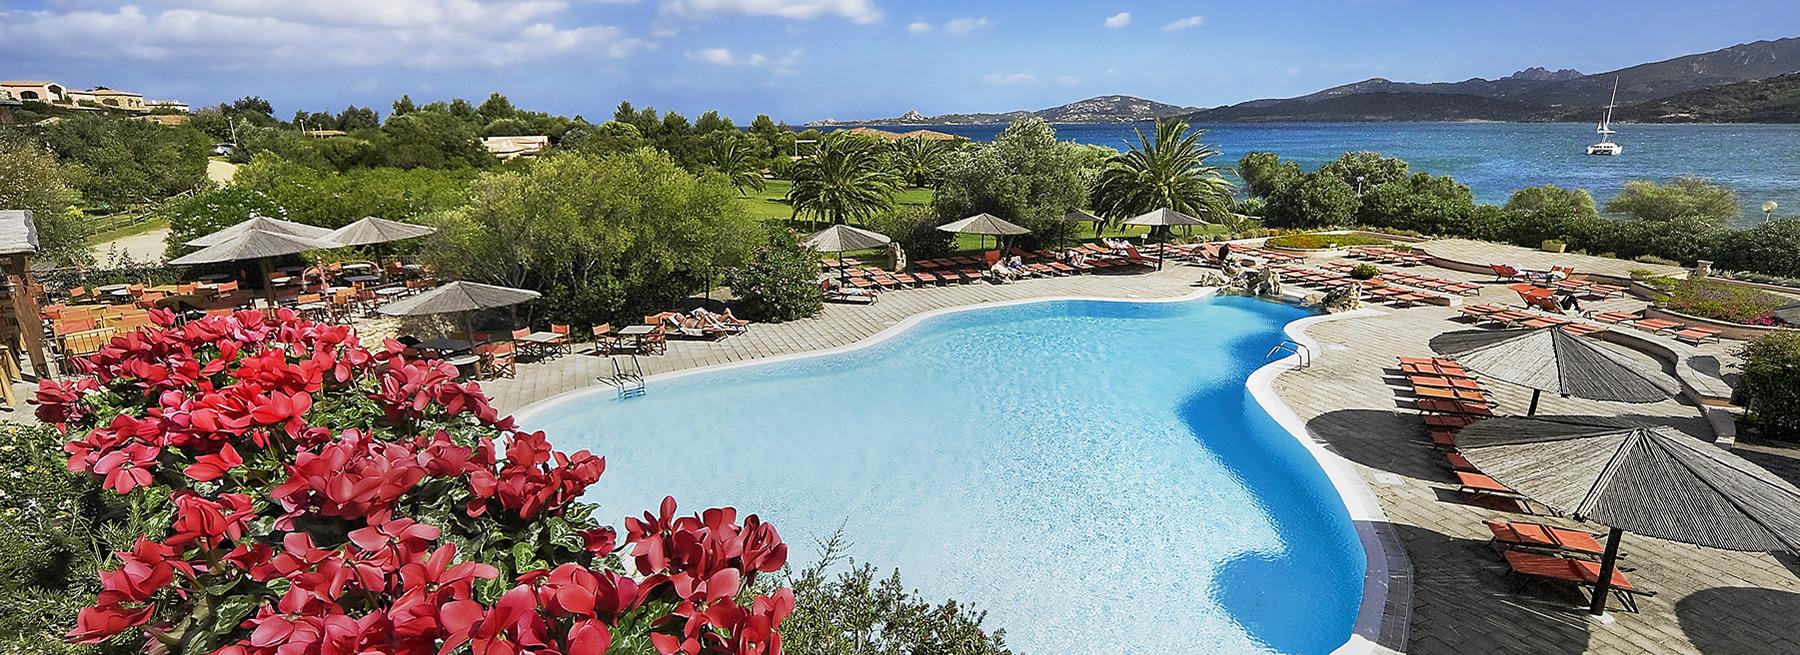 Delphina Preisliste Resort Cala di Falco 2017 – Villen Cannigione, Costa Smeralda Sardinien - Italien